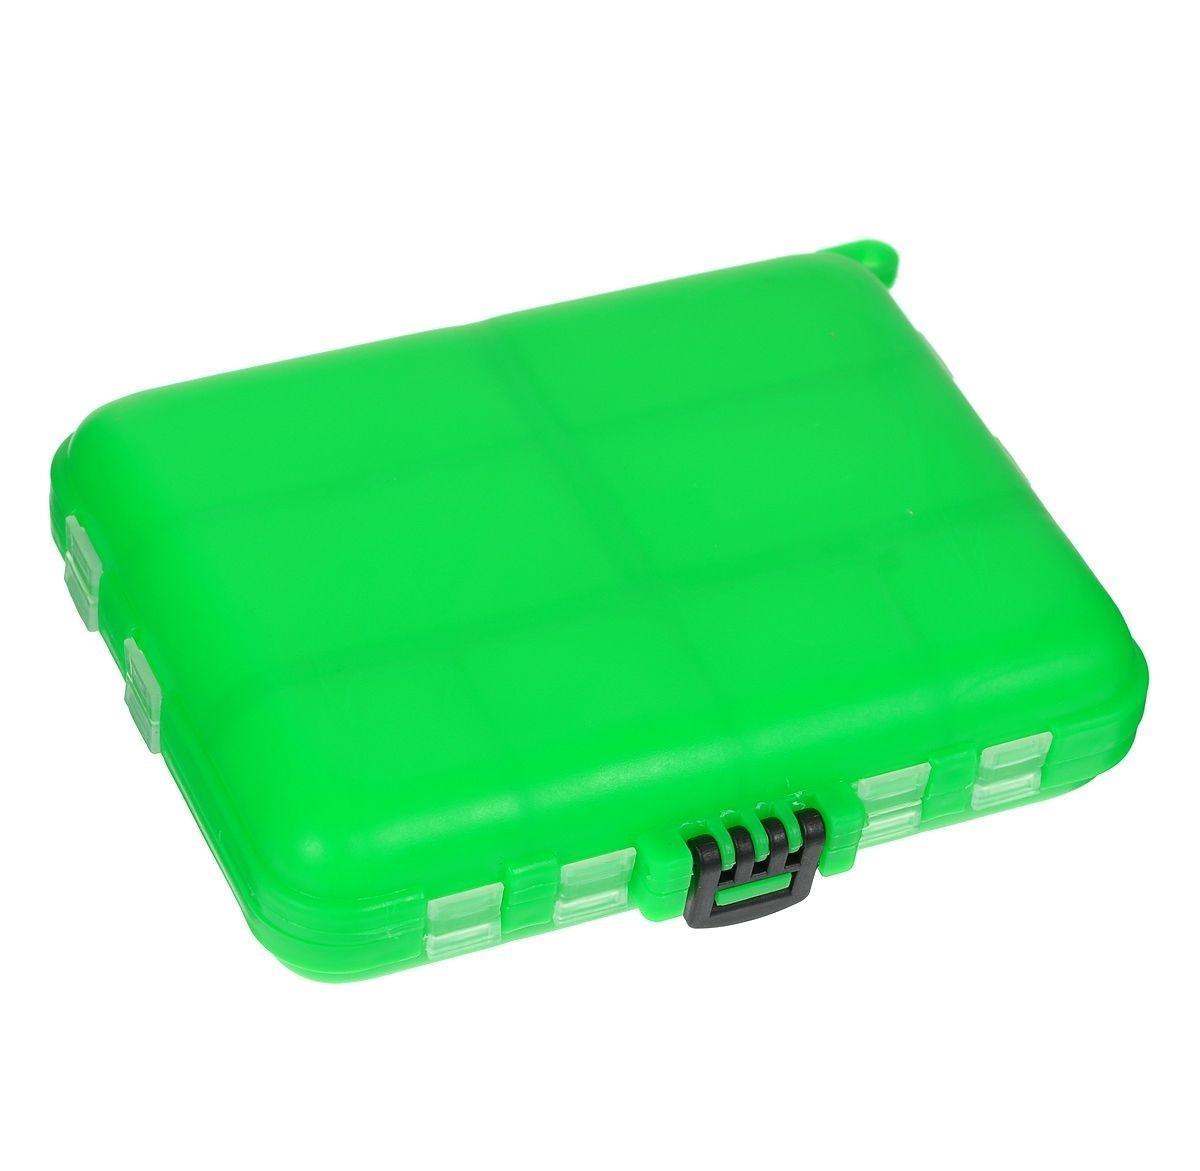 Удобная пластиковая коробка Три кита  прекрасно подойдет для хранения и транспортировки различных мелочей. Коробка имеет 16 фиксированных отделений. Удобный и надежный замок-защелка обеспечивает надежное закрывание коробки. Такая коробка поможет держать вещи в порядке.